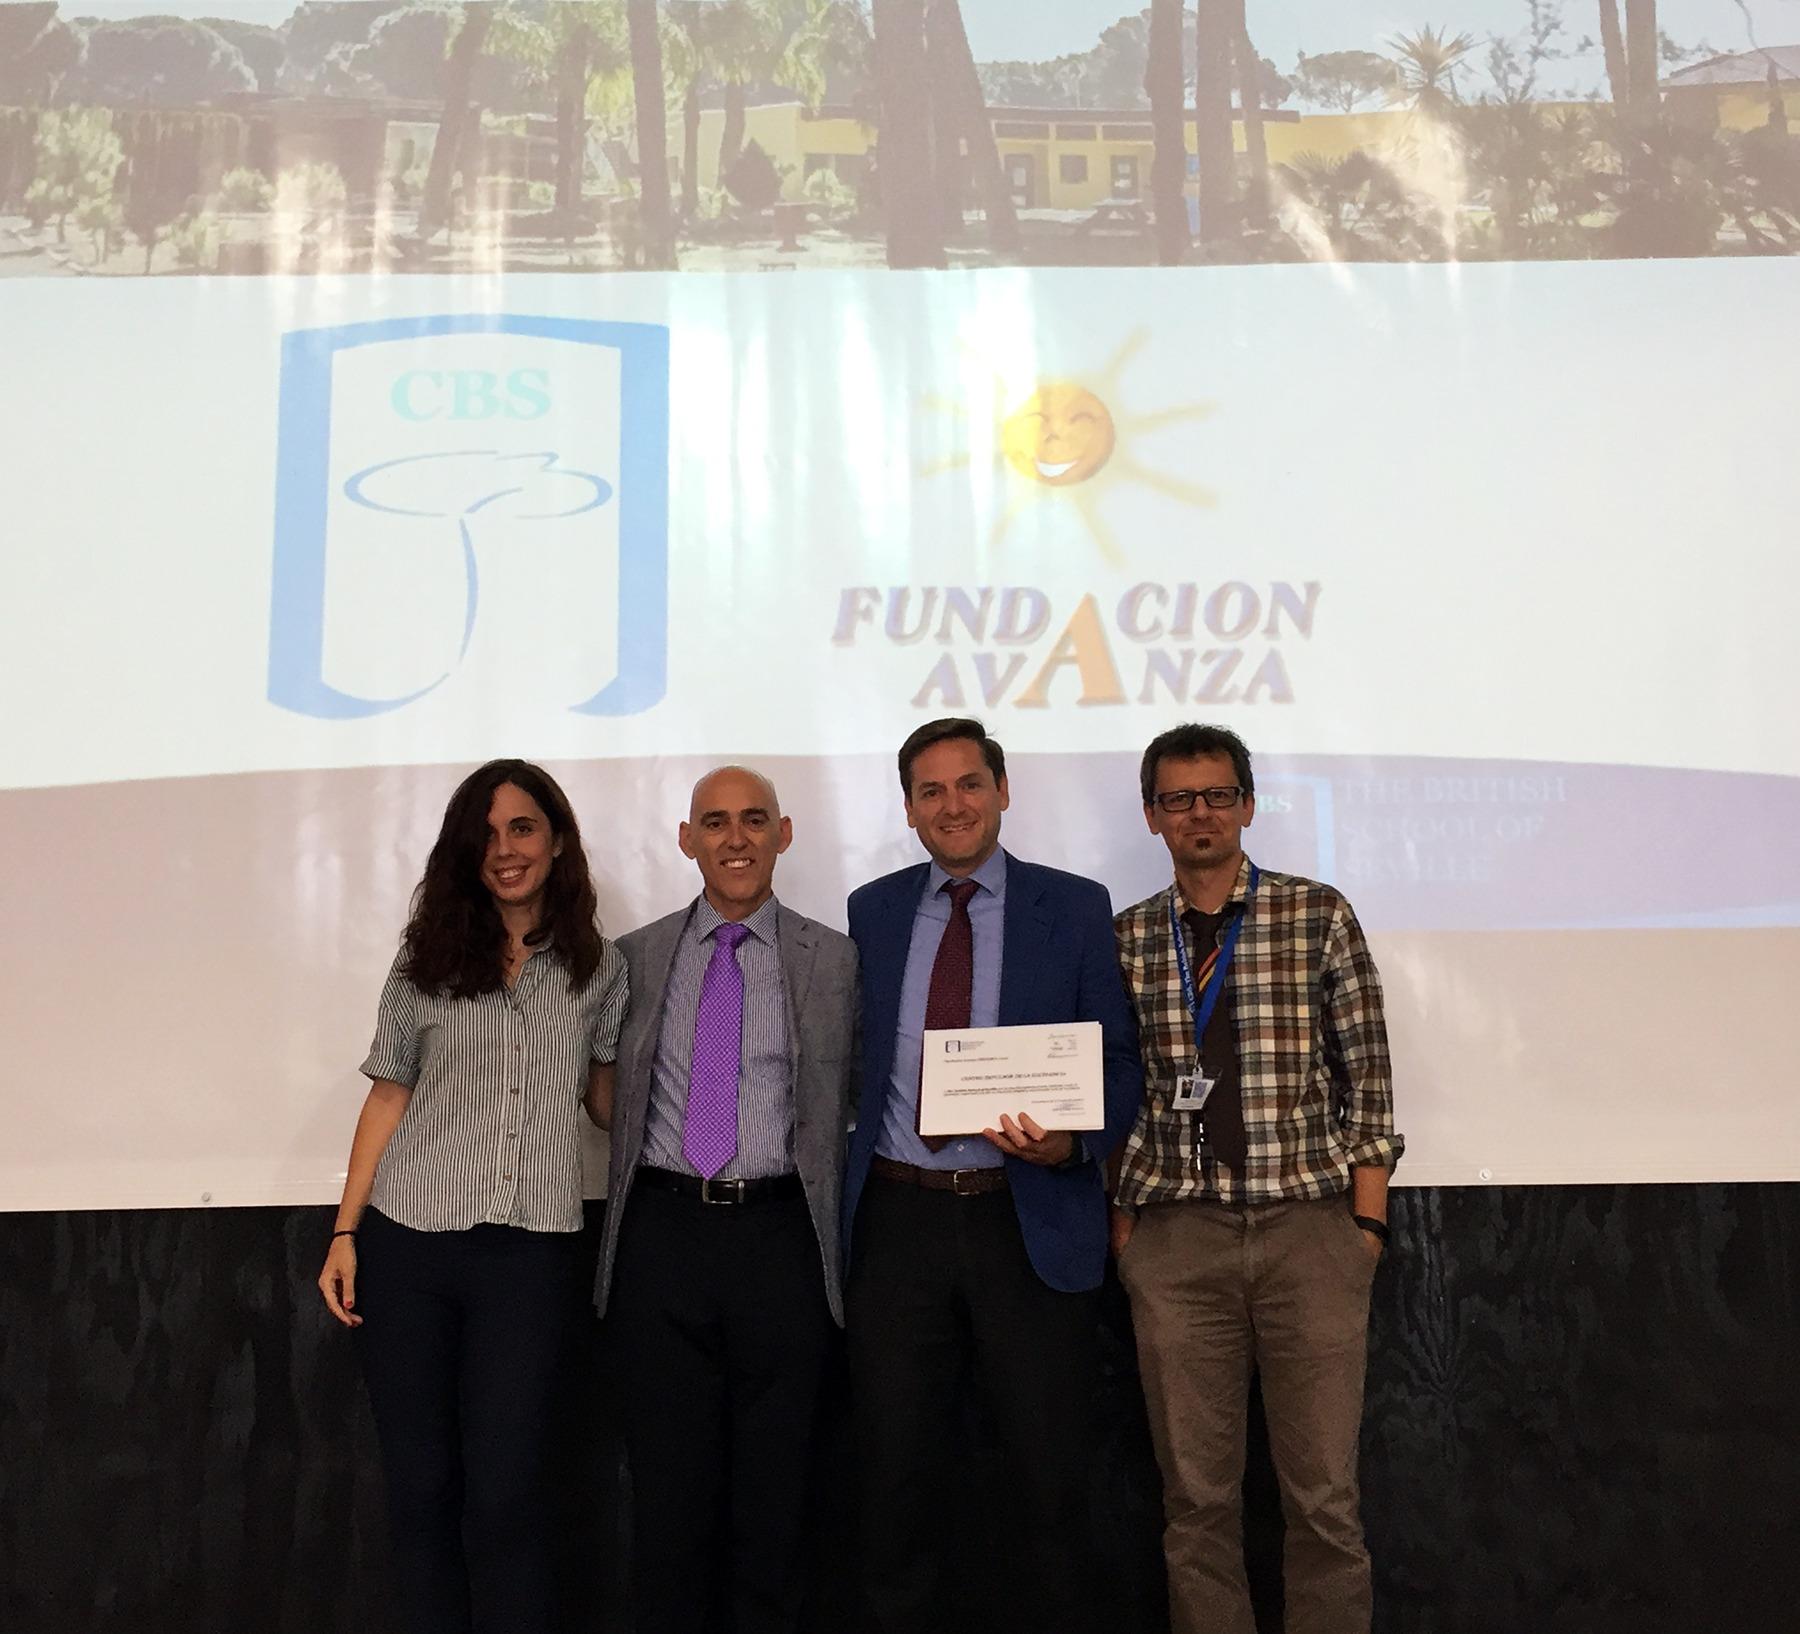 Reconocimiento a Miss Eva y Mr Eady CBS Colegio Britanico de Sevilla Fundacion Avanza